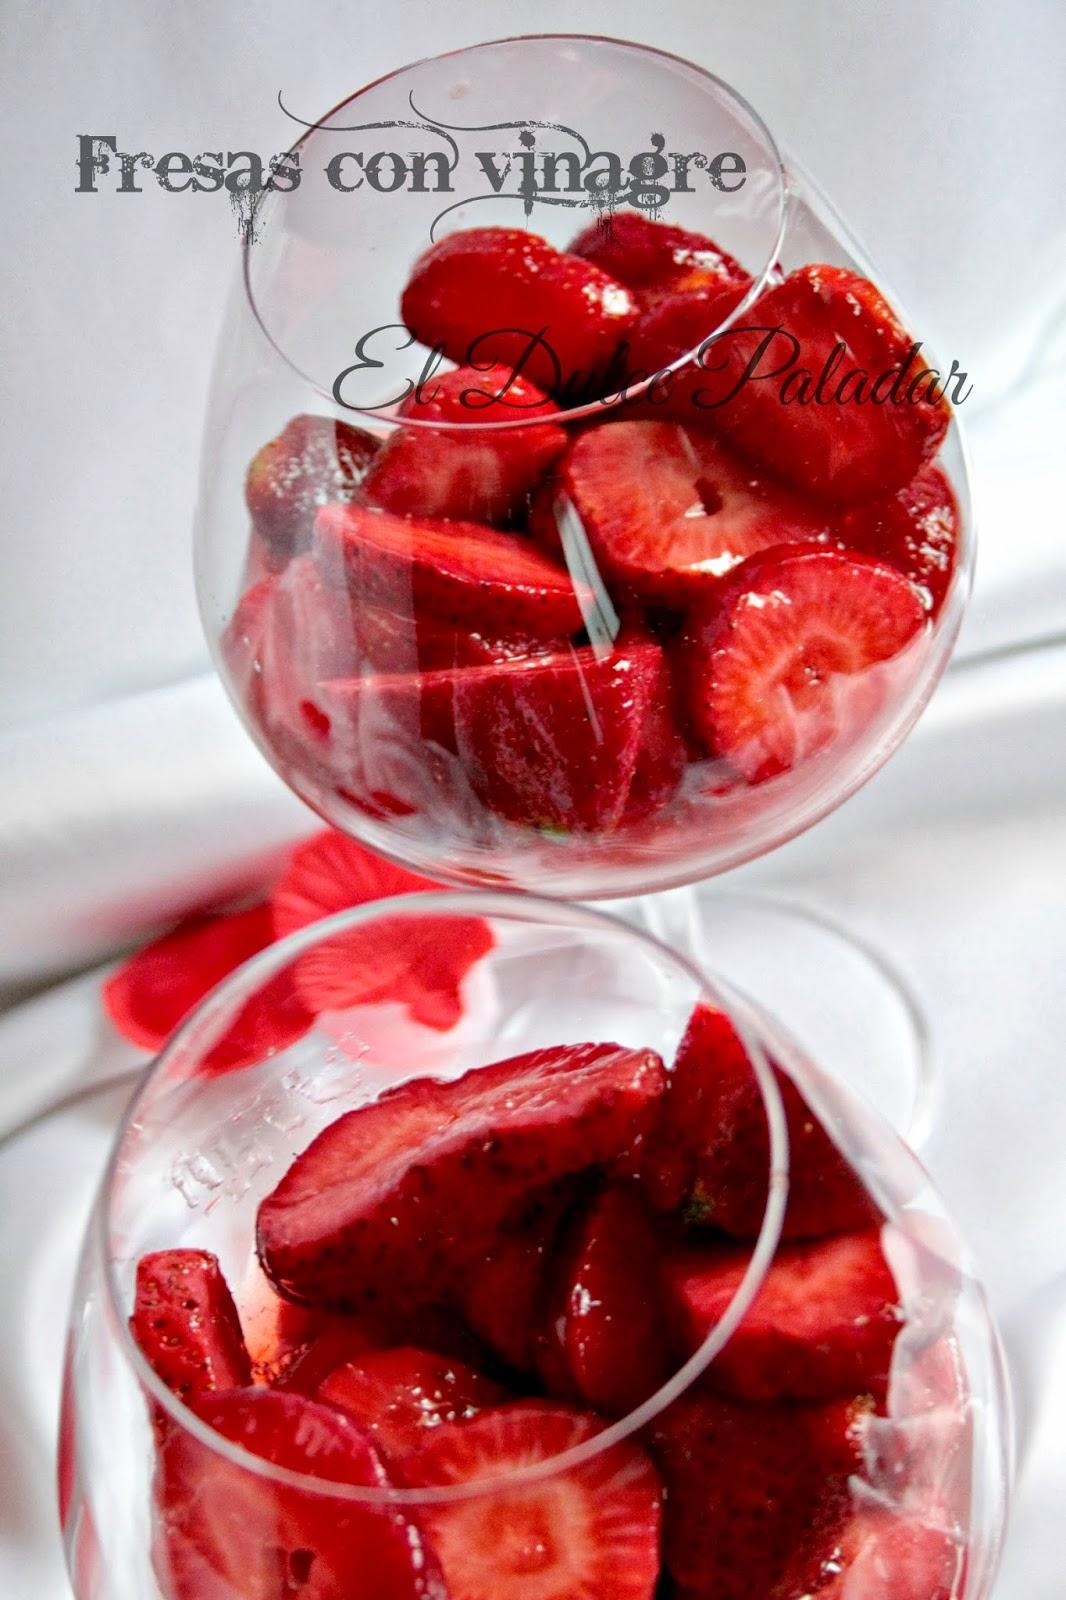 Fresas con vinagre